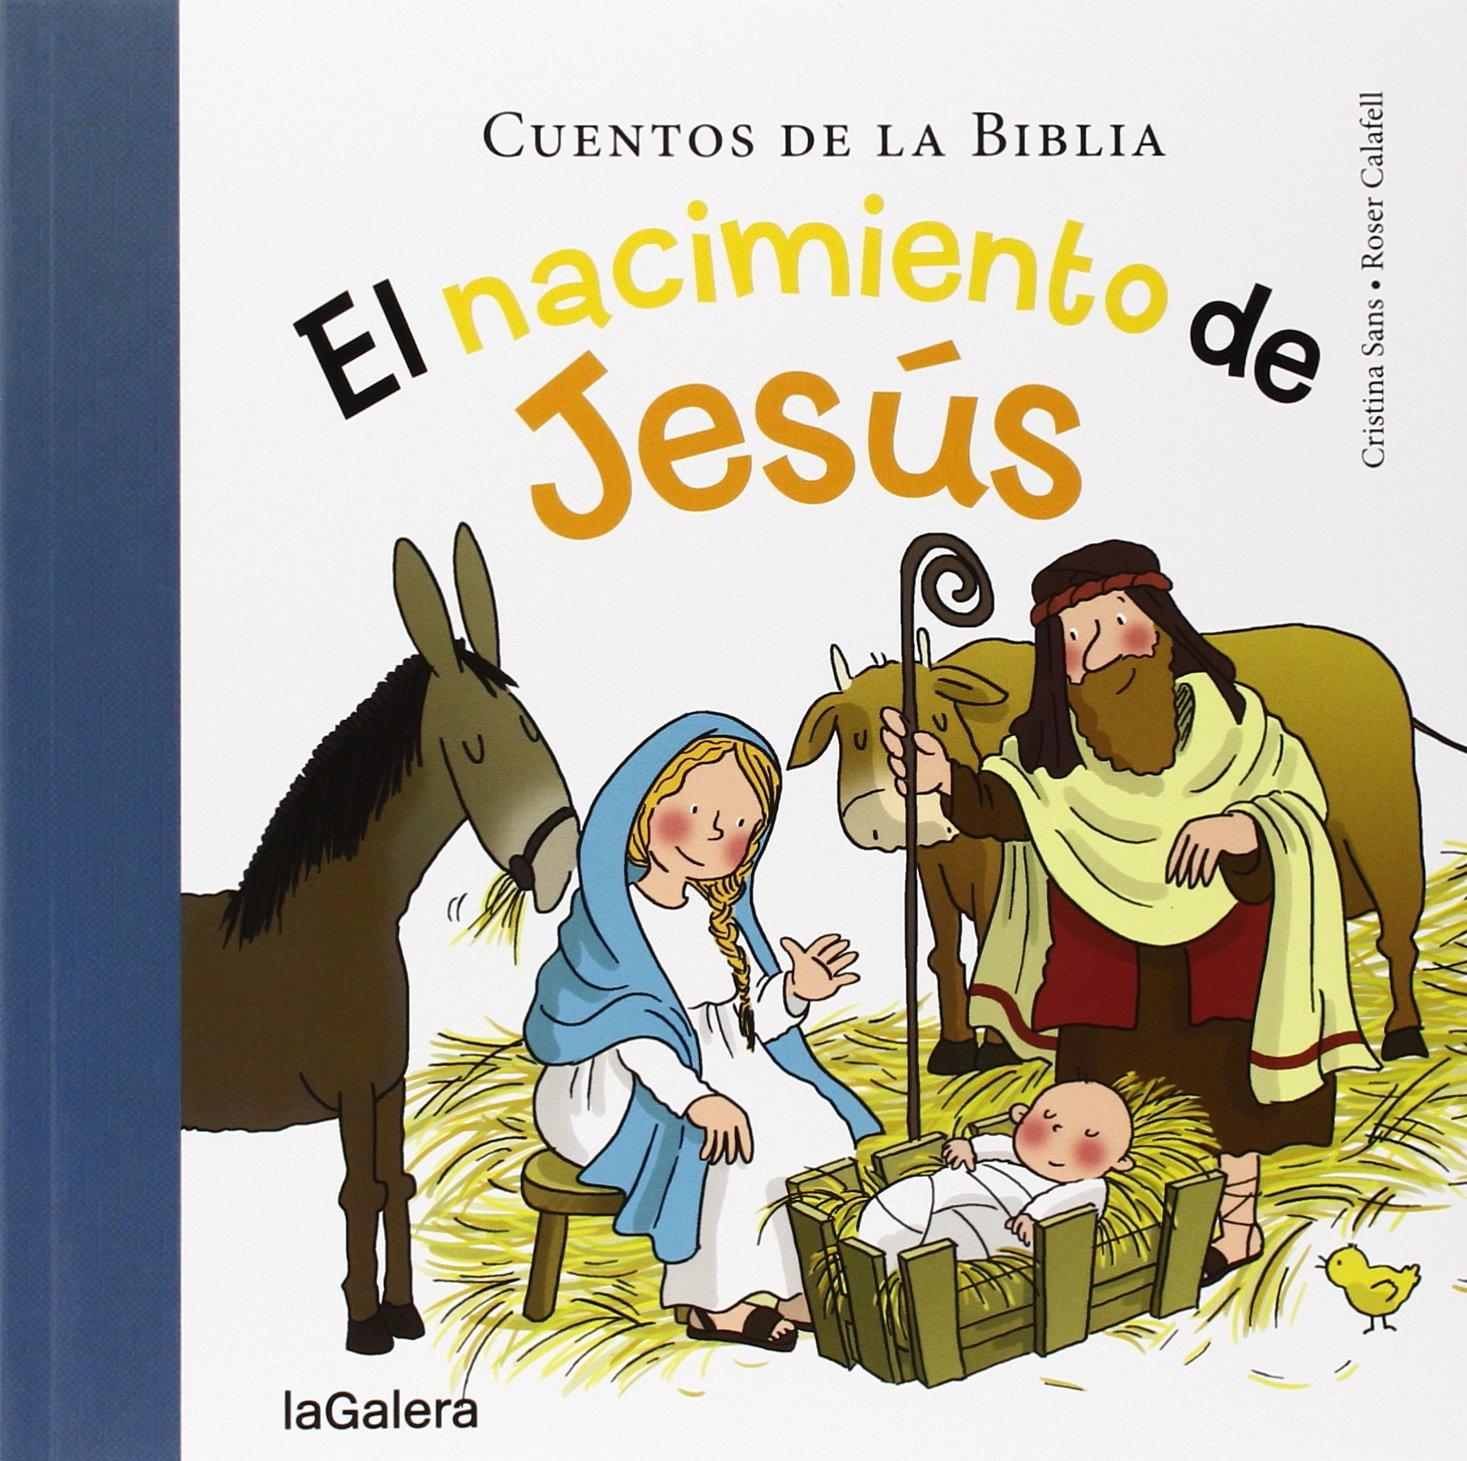 El Nacimiento De Jesús 33 Cuentos De La Biblia Amazon Es Sans Mestre Cristina Calafell Serra Roser Libros